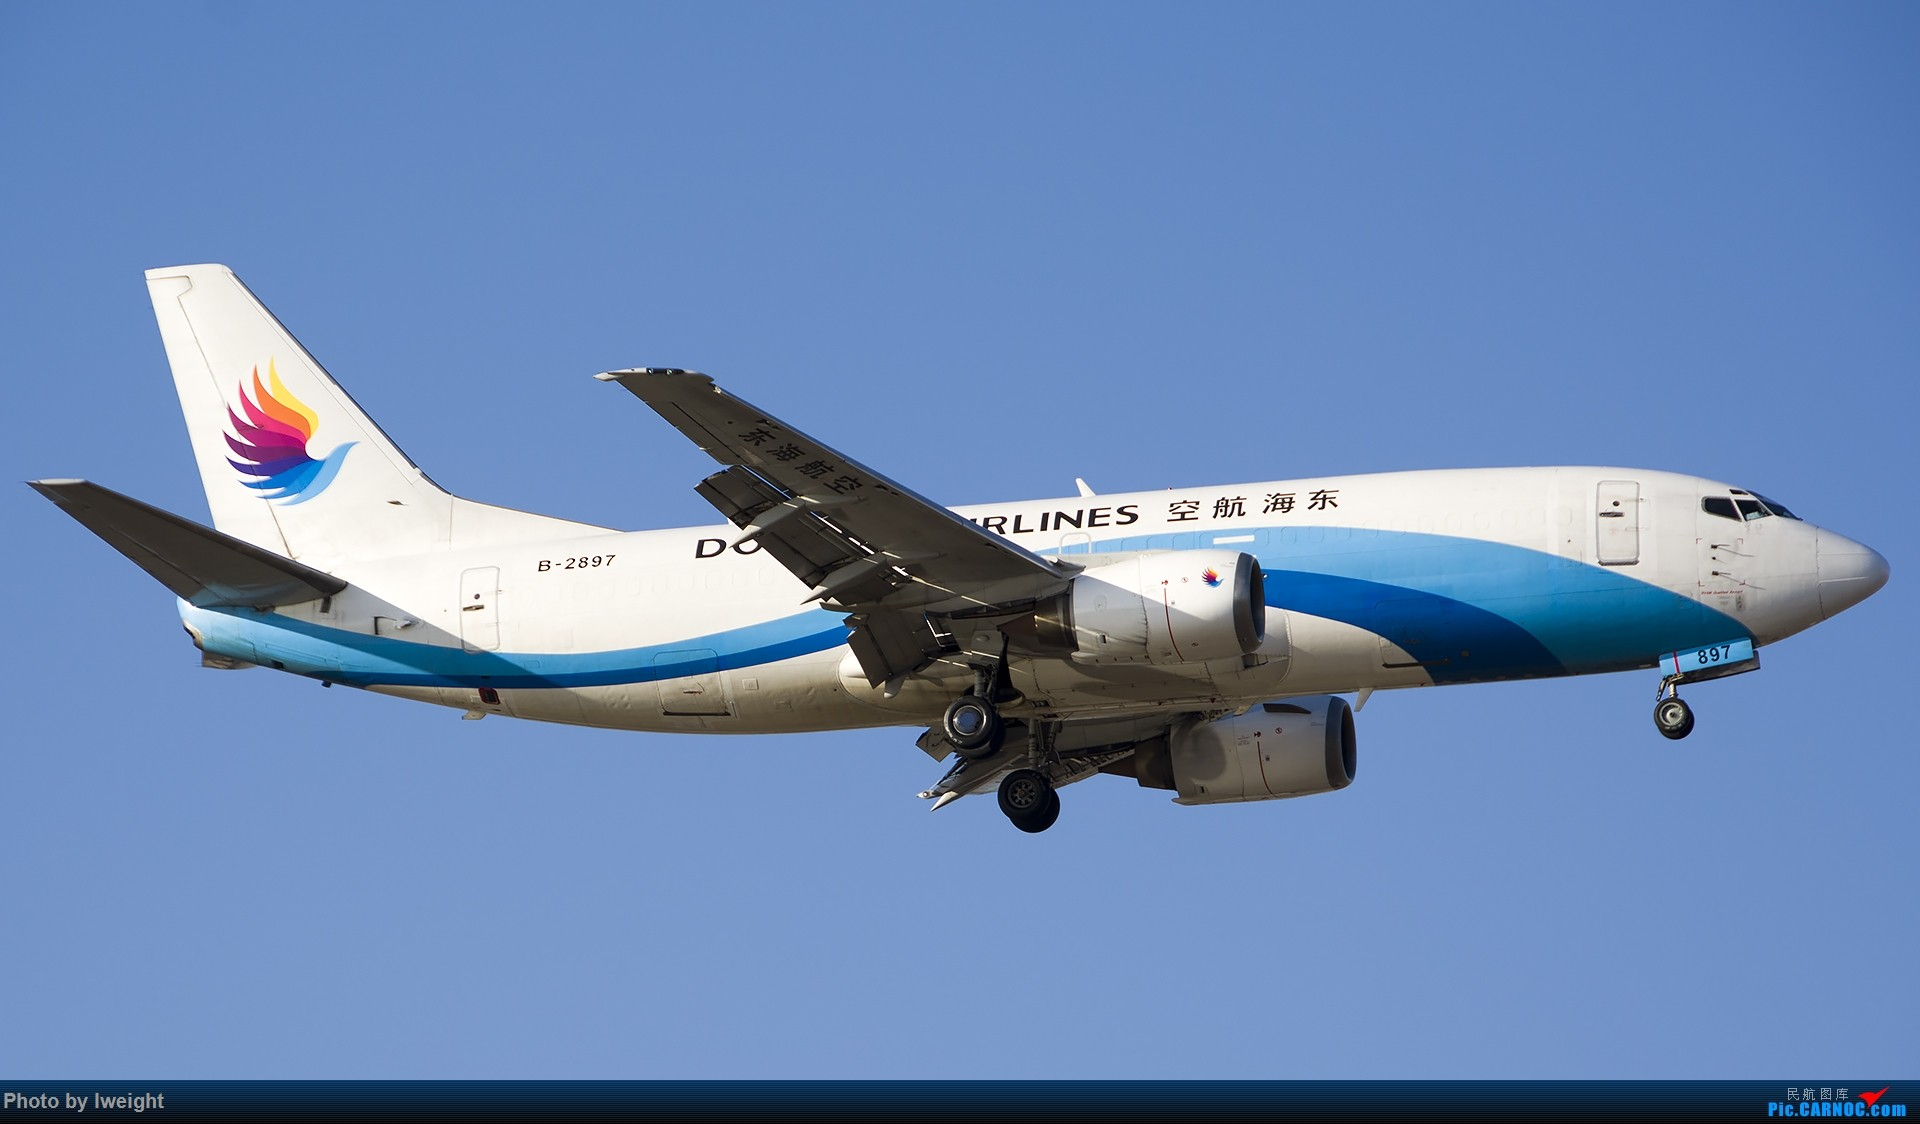 Re:[原创]2014-12-06 PEK天气由好变坏的直接体验 BOEING 737-300 B-2897 中国北京首都国际机场